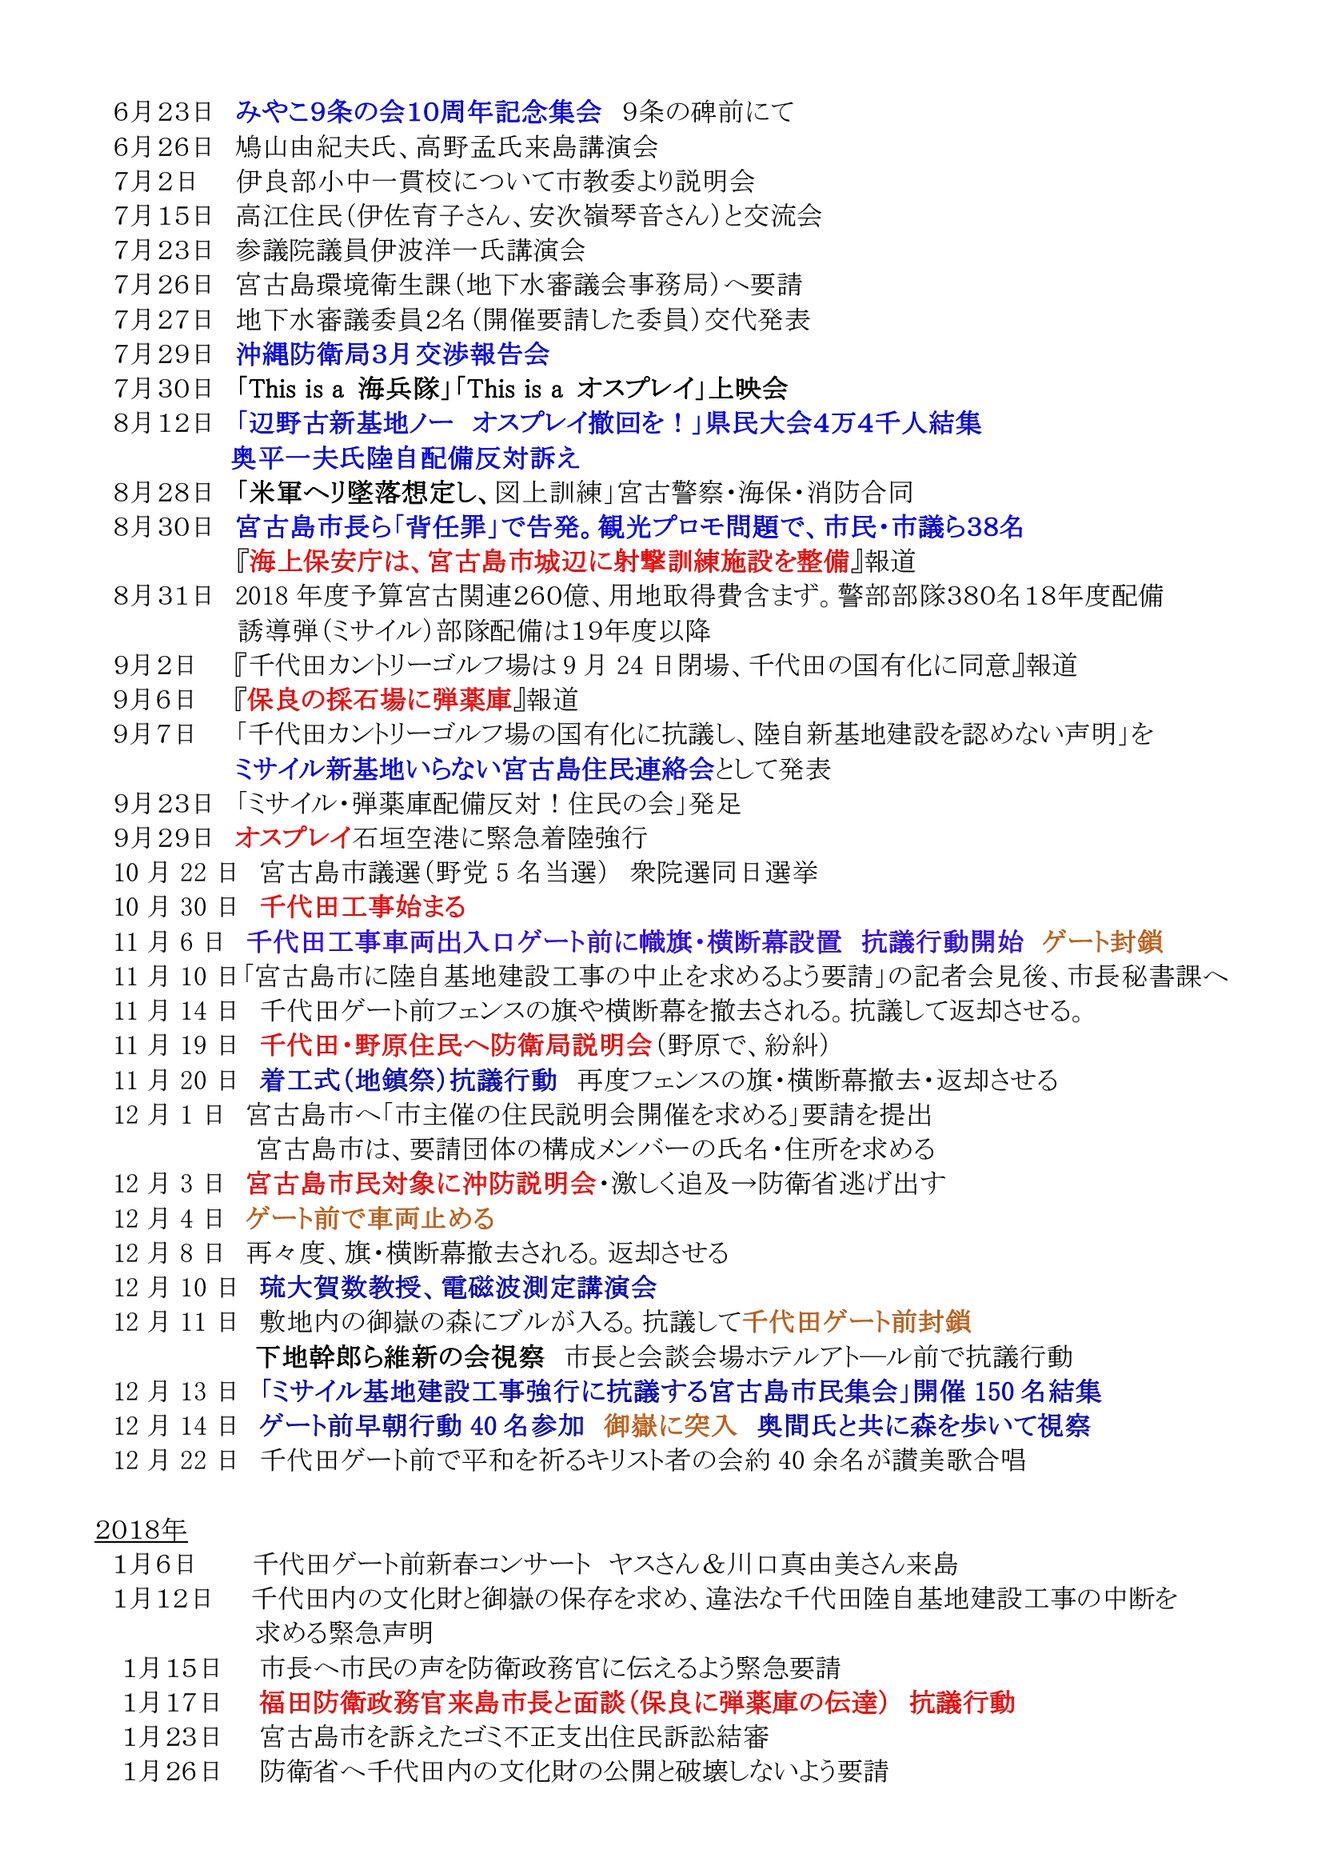 年表:宮古島における反軍反基地の闘い2010~2018 (1)0008[1]